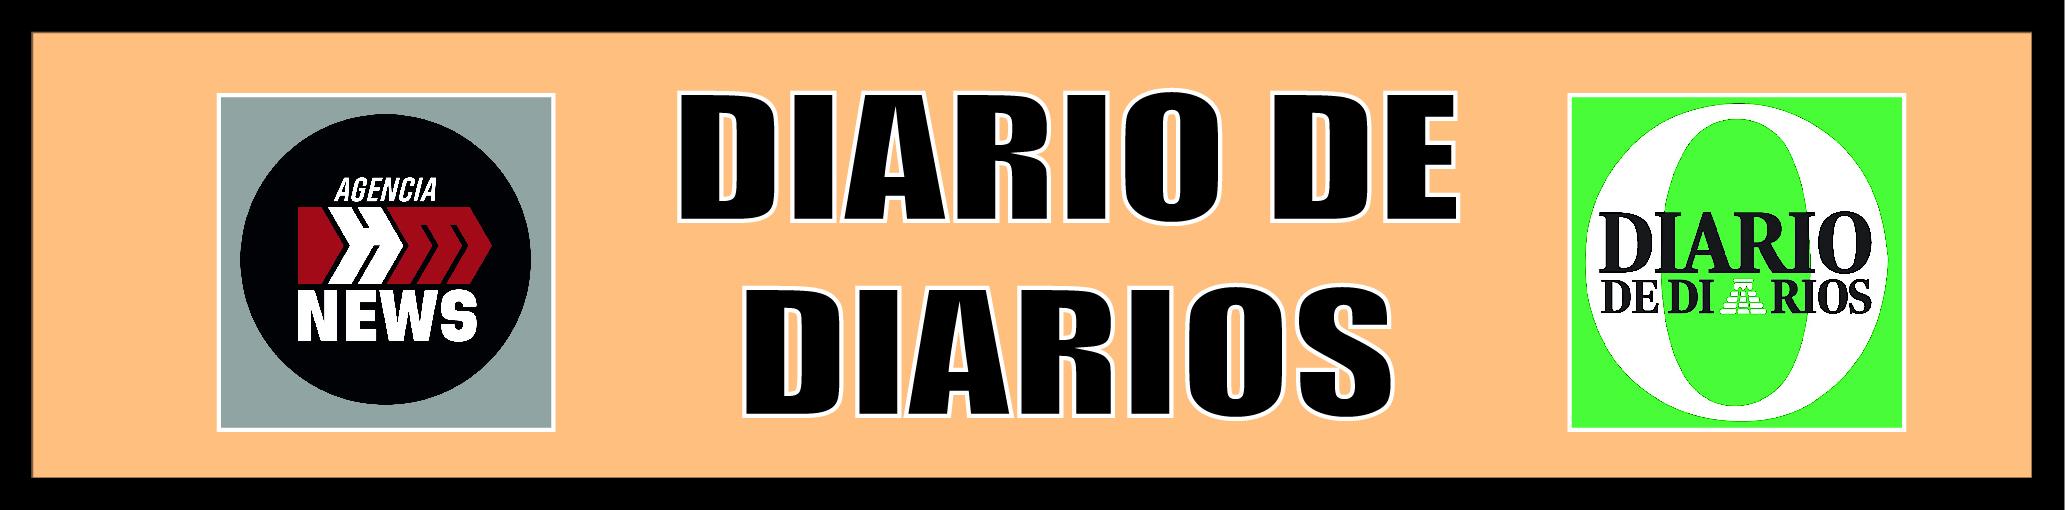 Diario de Diarios